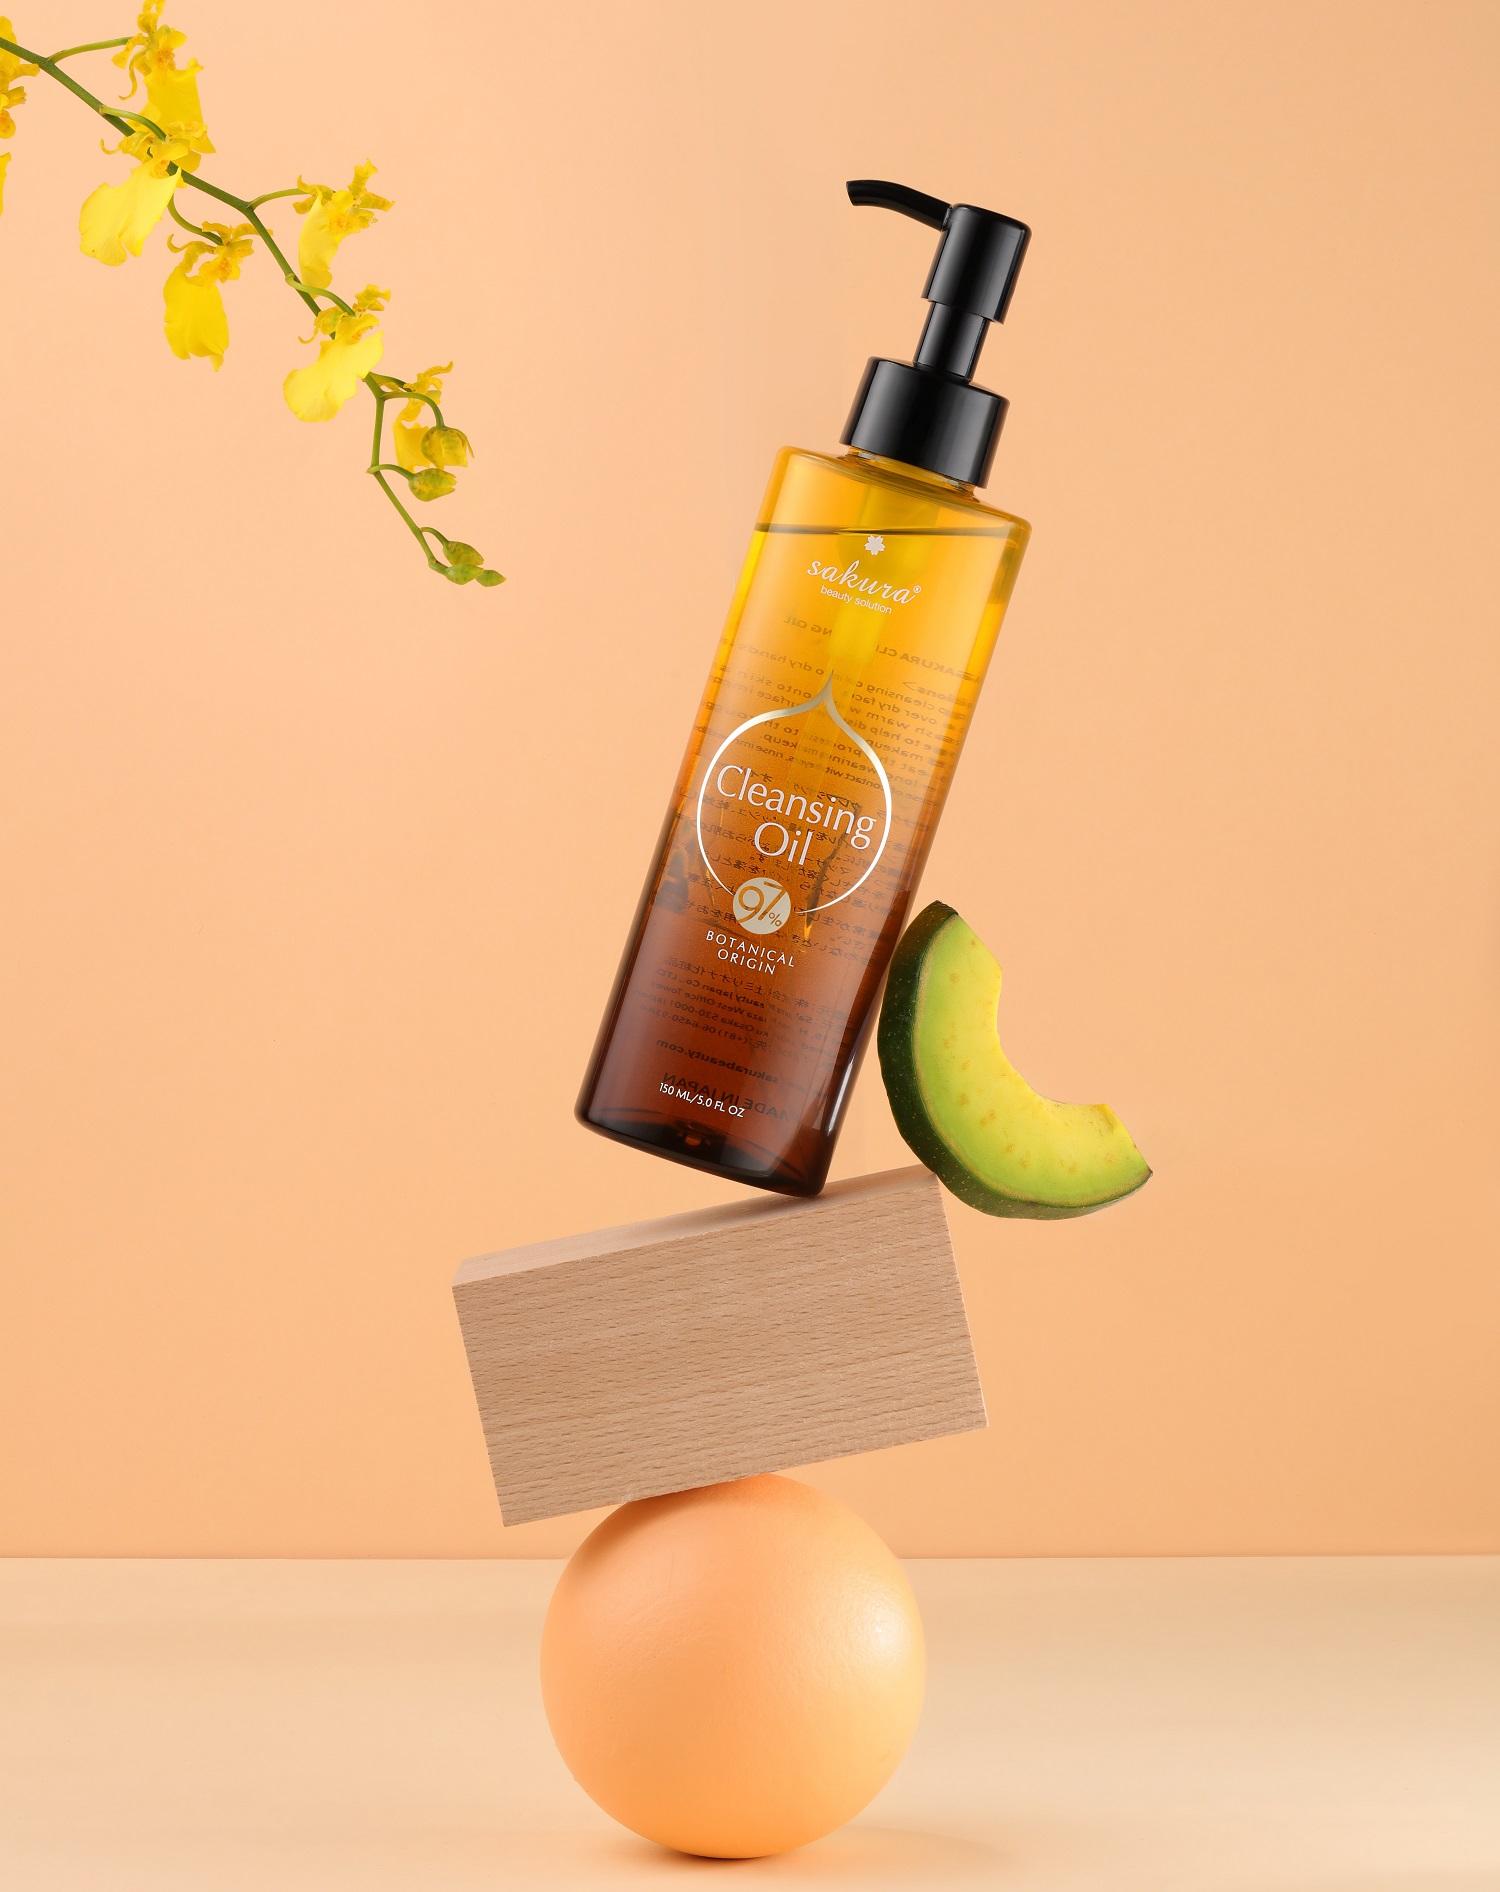 Thành phần thiên nhiên làm sạch sâu hiệu quả, dịu nhẹ trên da